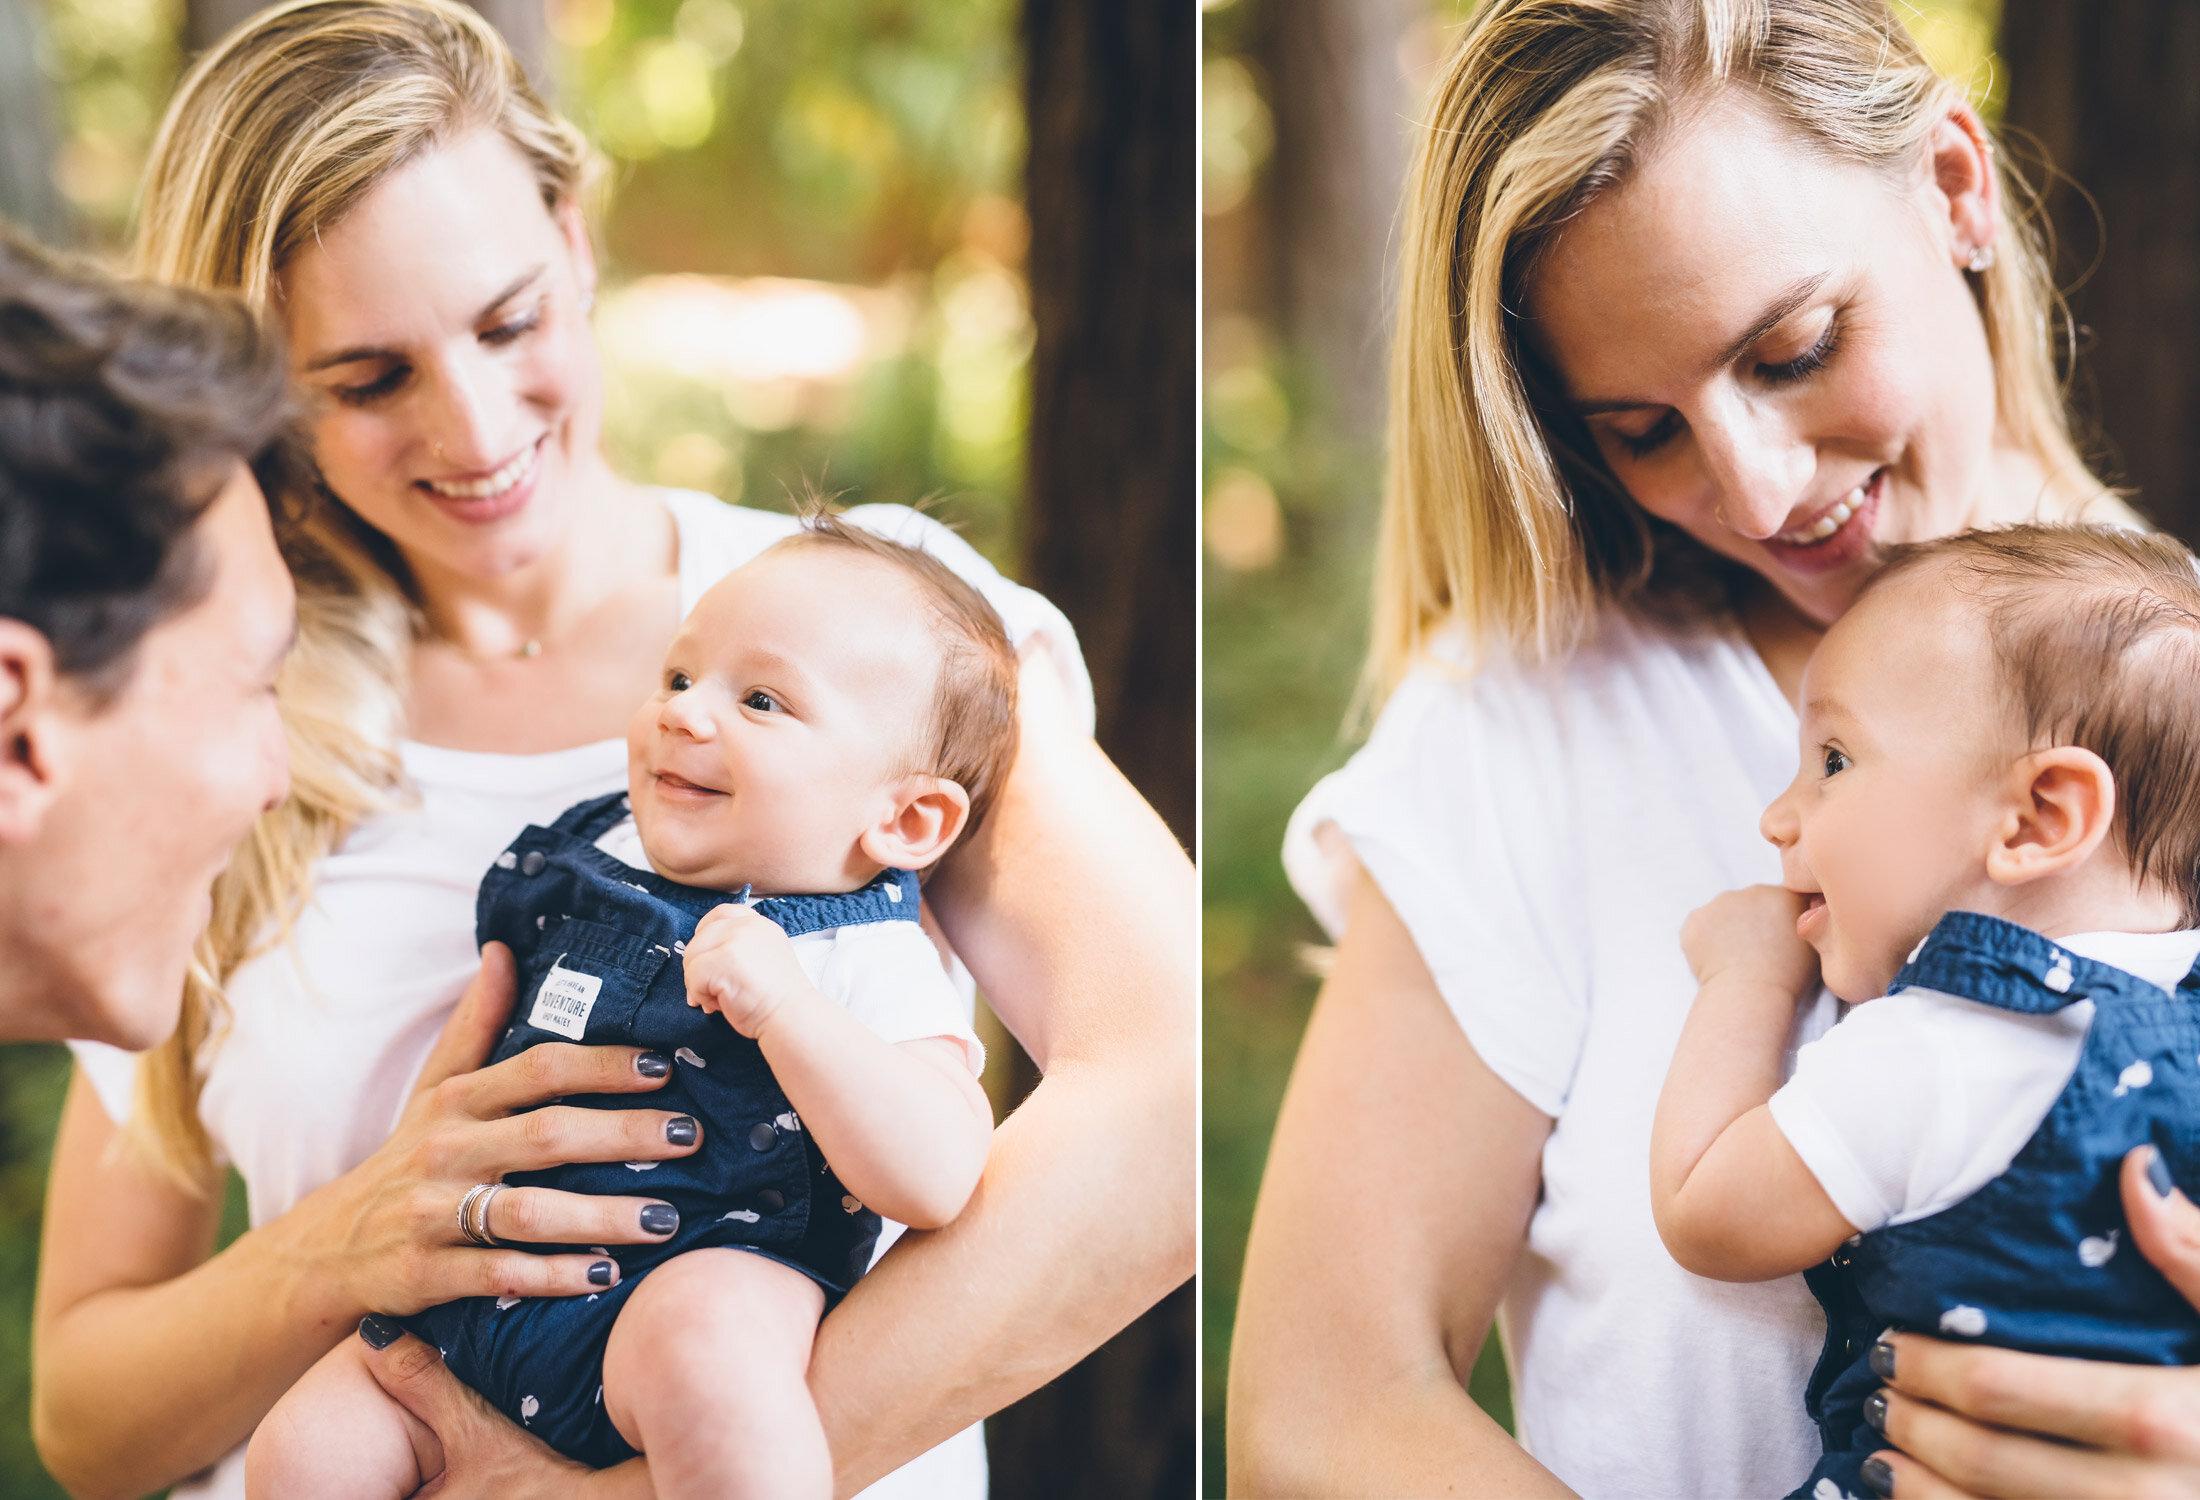 outdoor-newborn-photos-in-redwood-forest.jpg